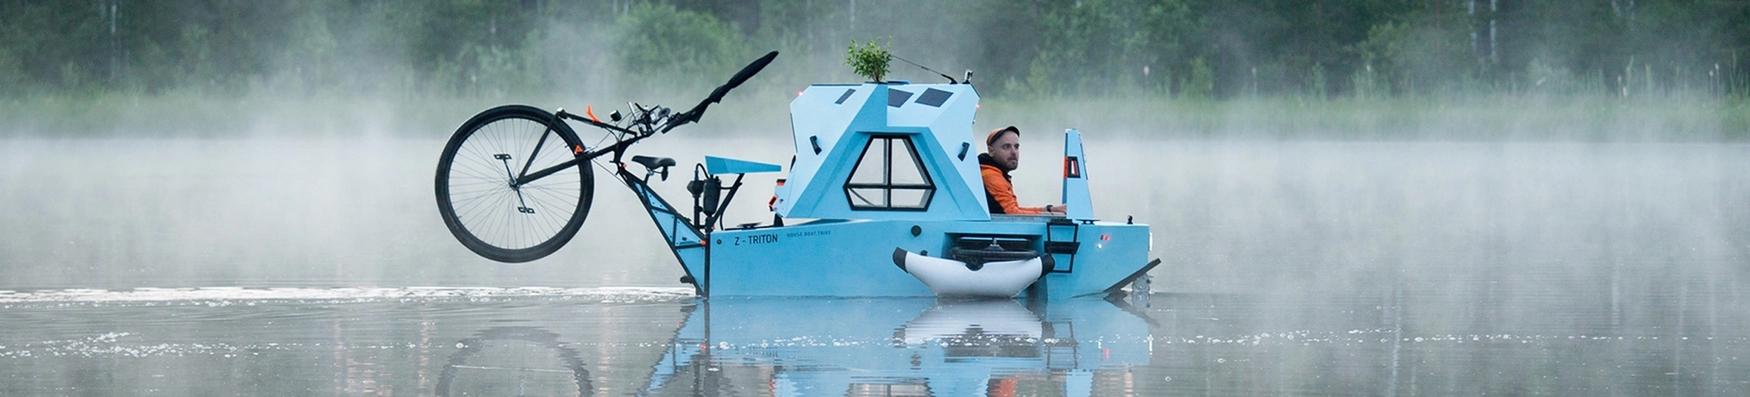 Z-Triton Boat